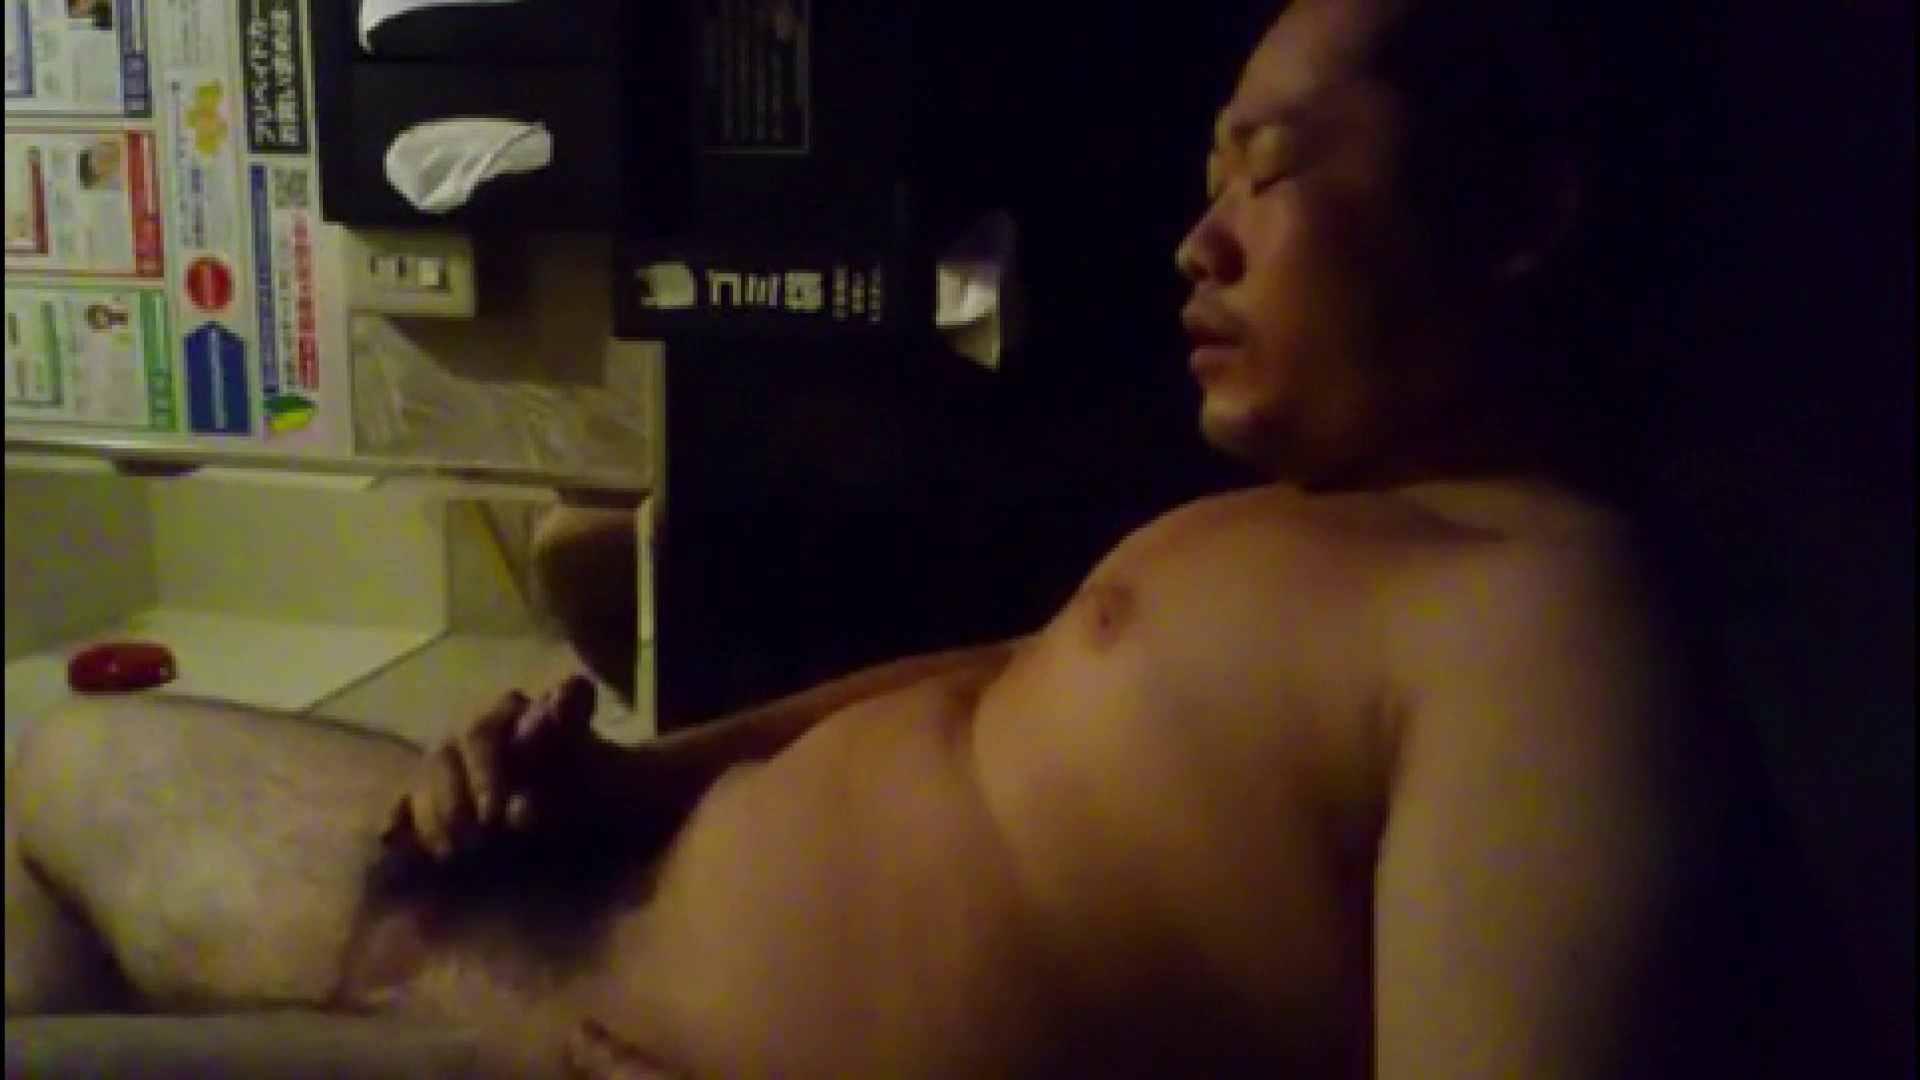 個人撮影 自慰の極意 Vol.24 オナニー アダルトビデオ画像キャプチャ 59pic 20